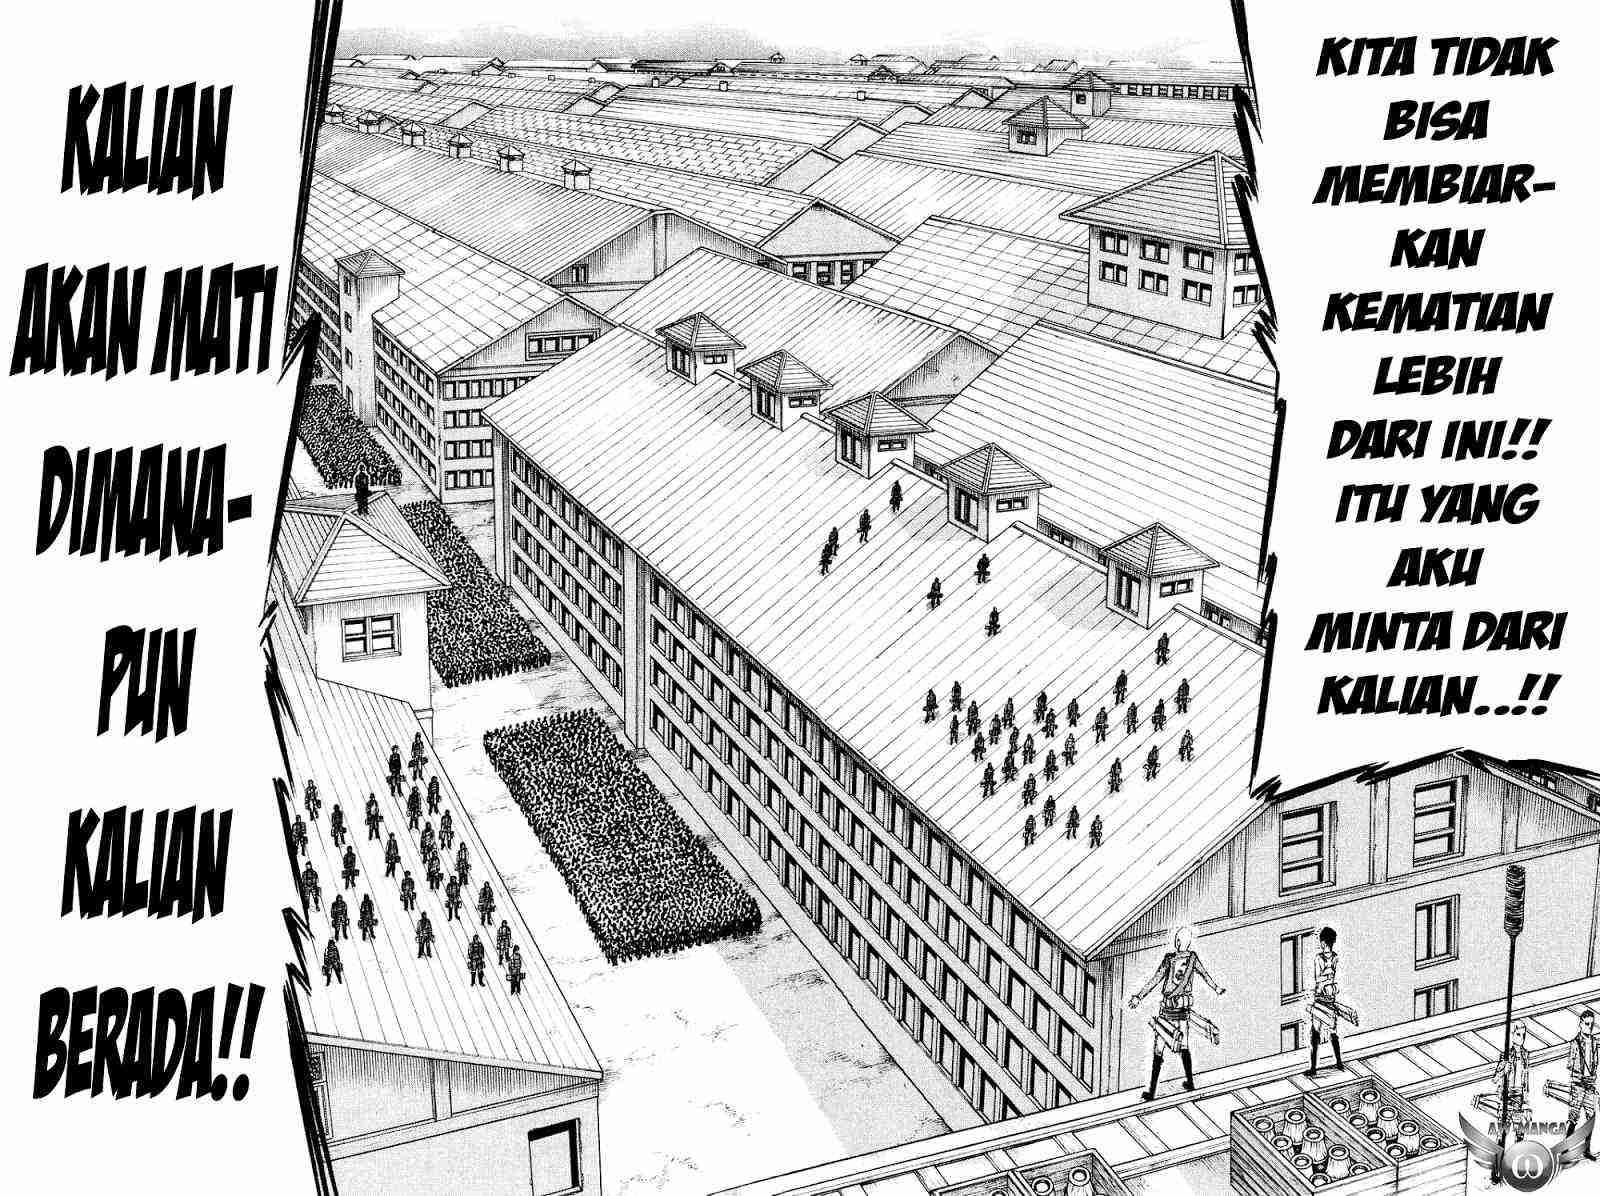 Komik shingeki no kyojin 012 13 Indonesia shingeki no kyojin 012 Terbaru 33|Baca Manga Komik Indonesia|